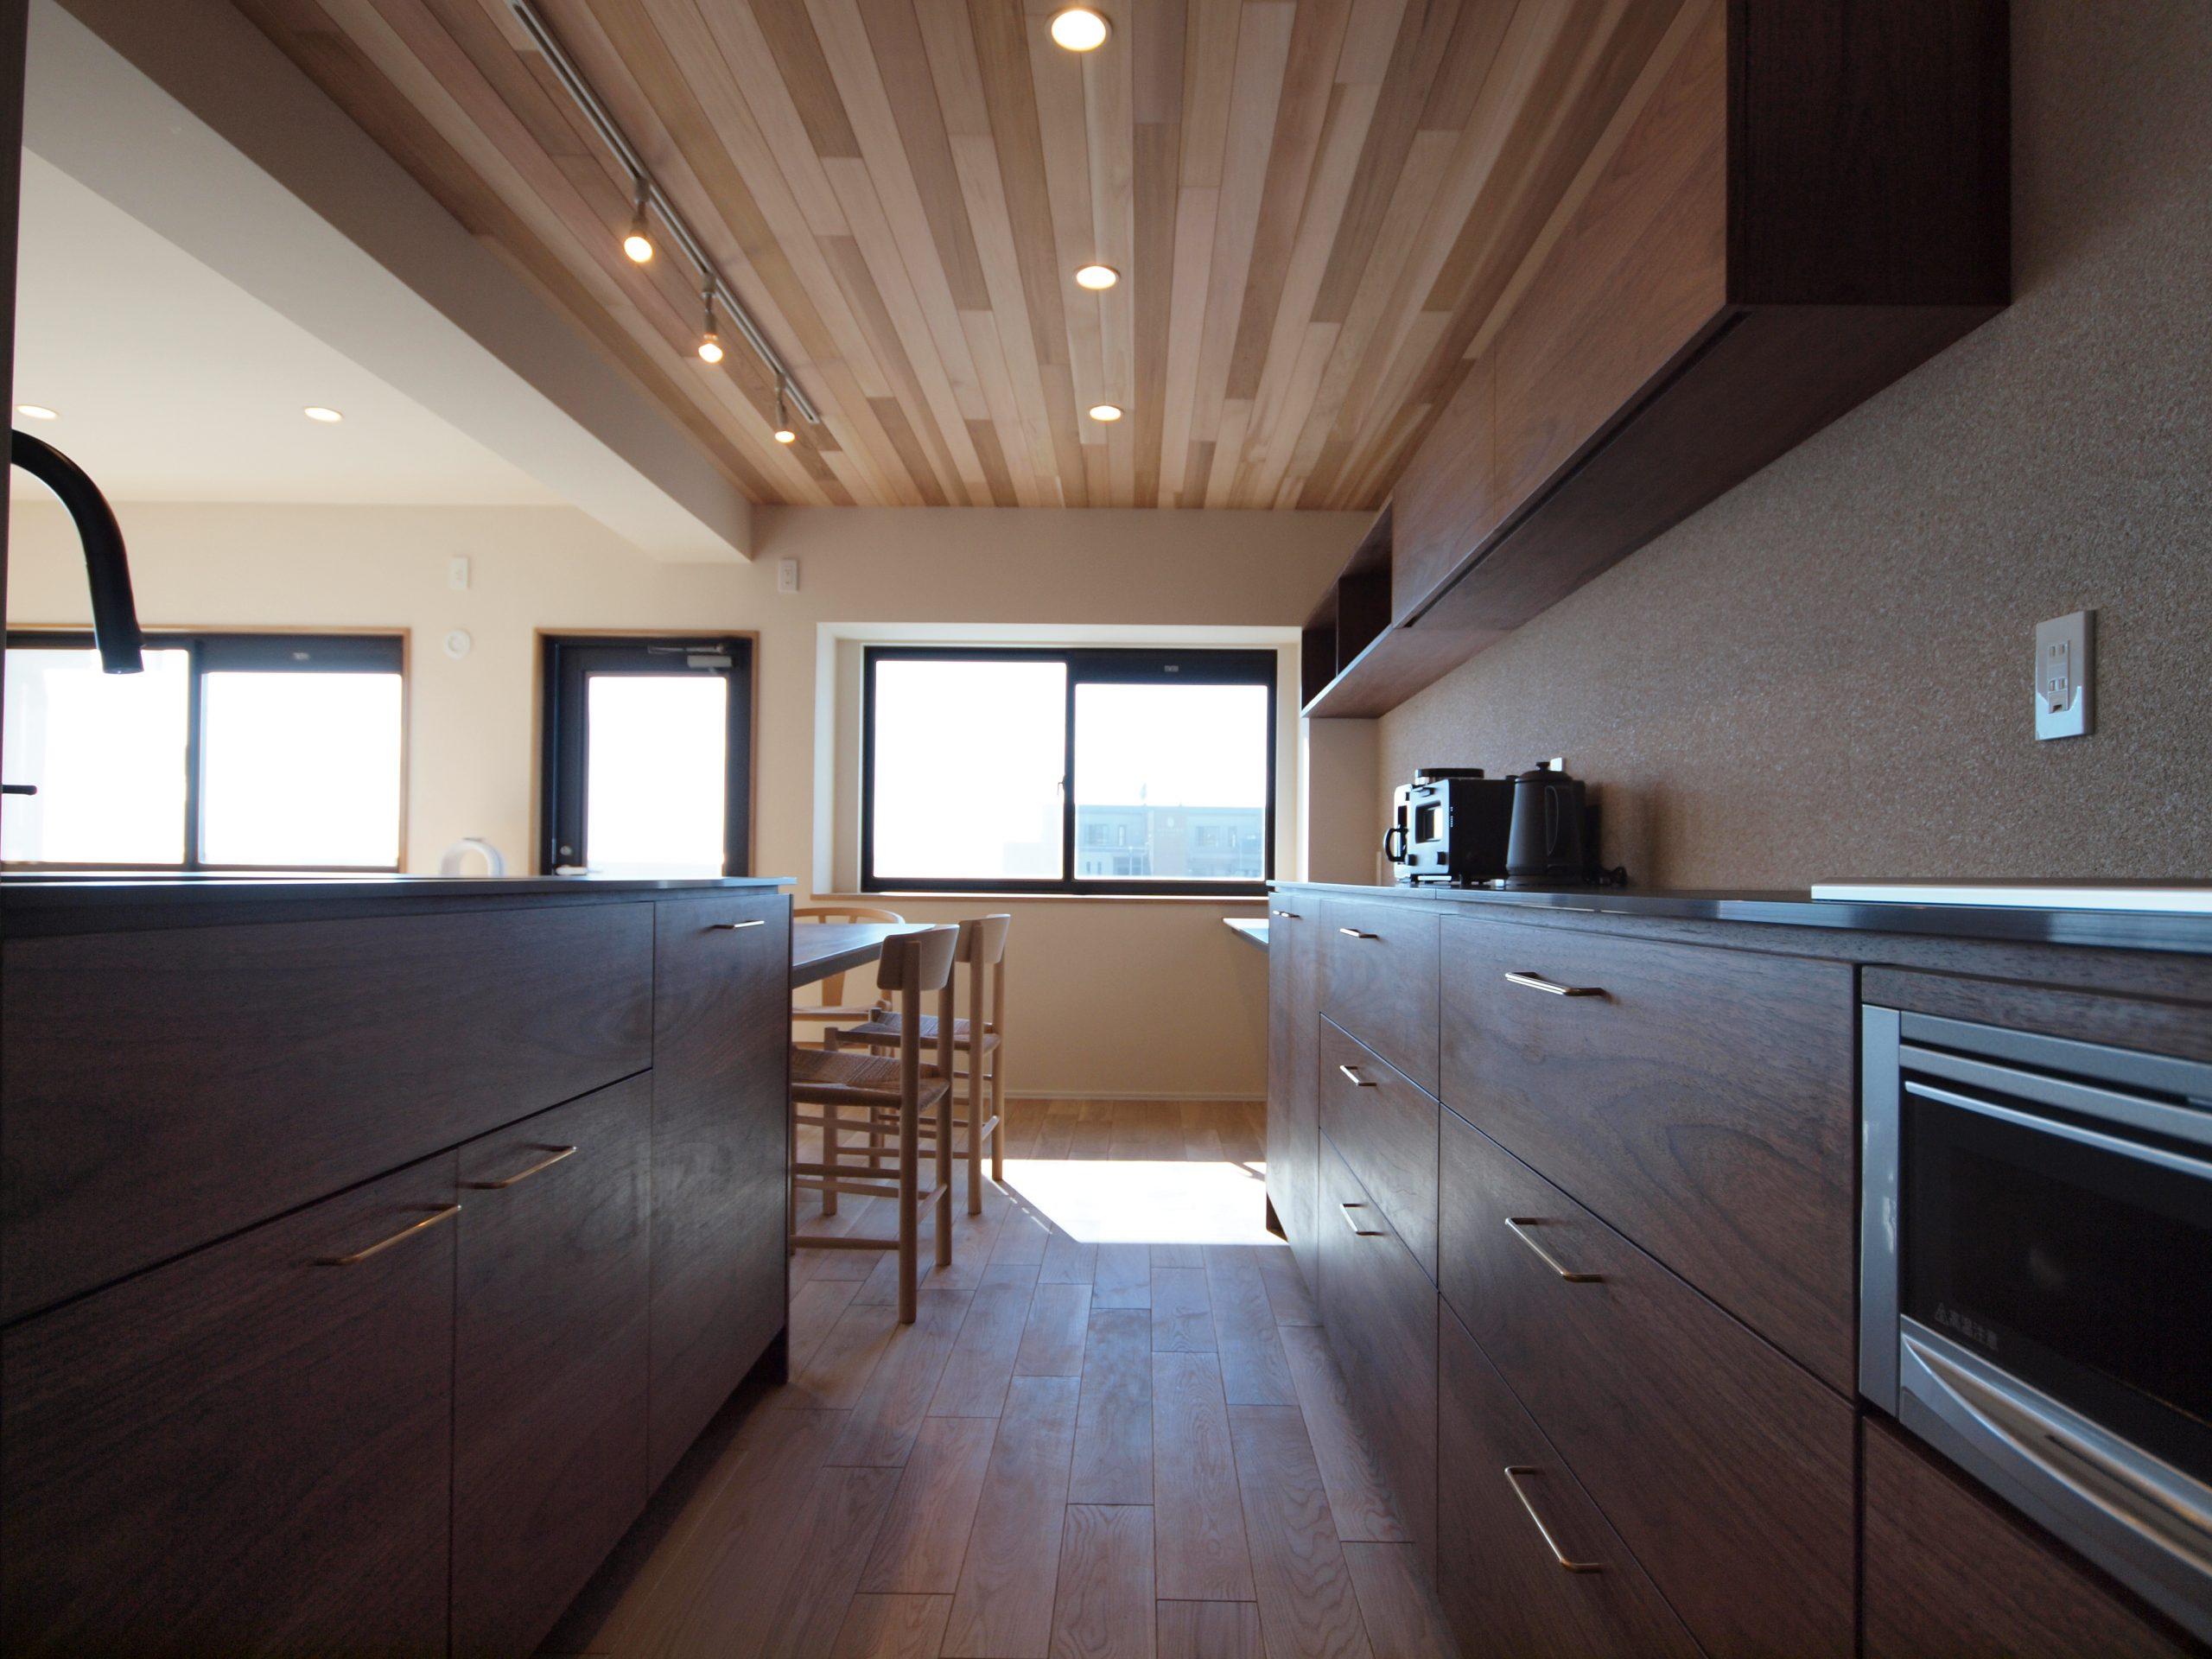 リノベーション施工案件: オーダーメイドキッチン・北欧家具・PB030296 | CRAFT WORKS. | 株式会社CWT | クラフトワークス | 新築、店舗、住宅、マンションのリフォームとリノベーション | Residential renovation | 福岡県北九州市